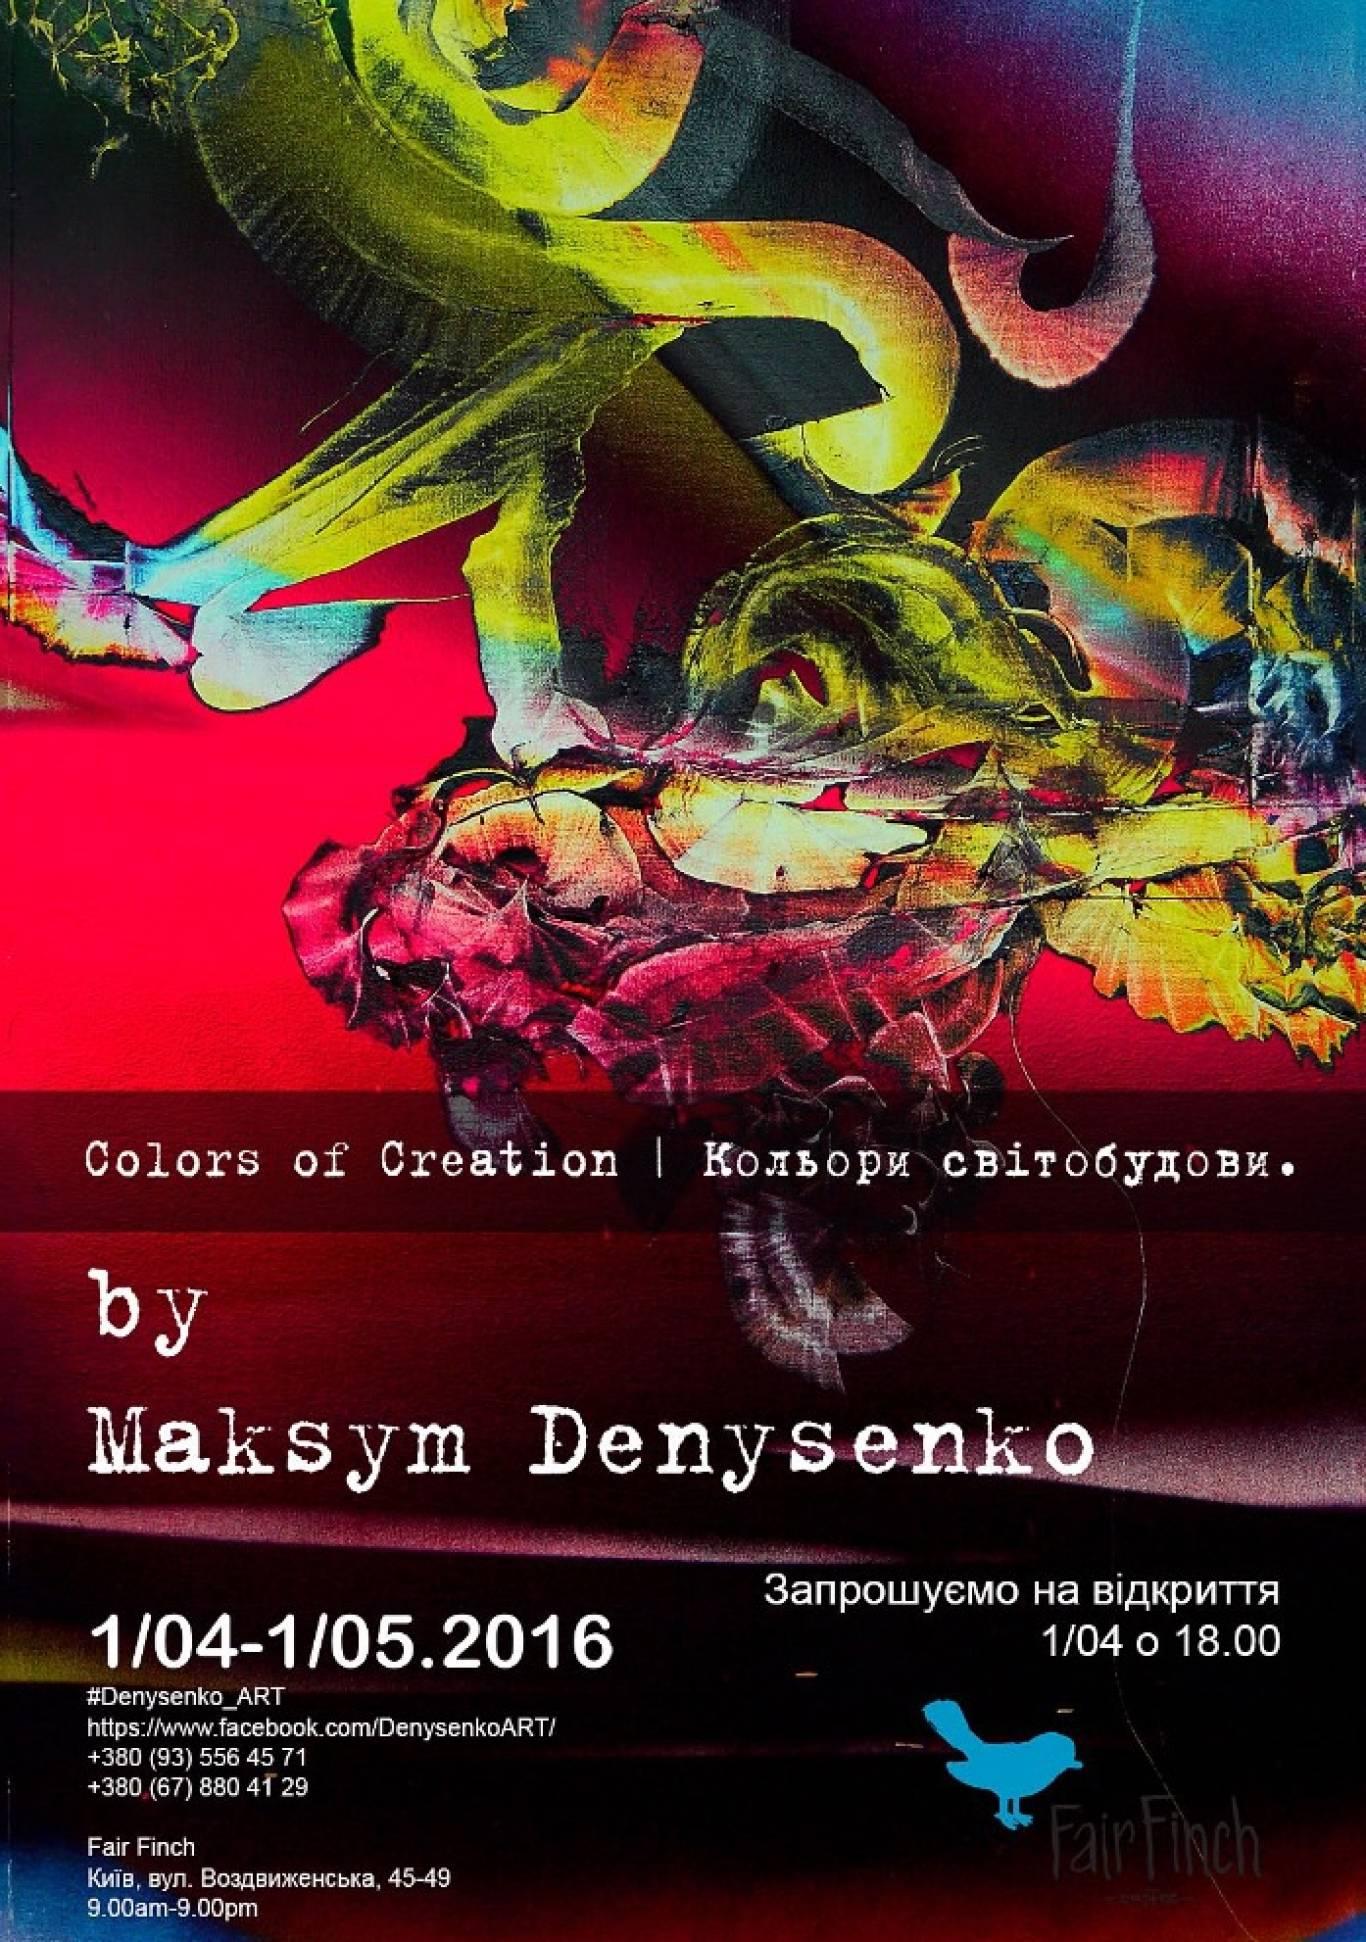 Виставка: Шокуючі полотна Максима Денисенка. Еволюція українського абстракціонізму